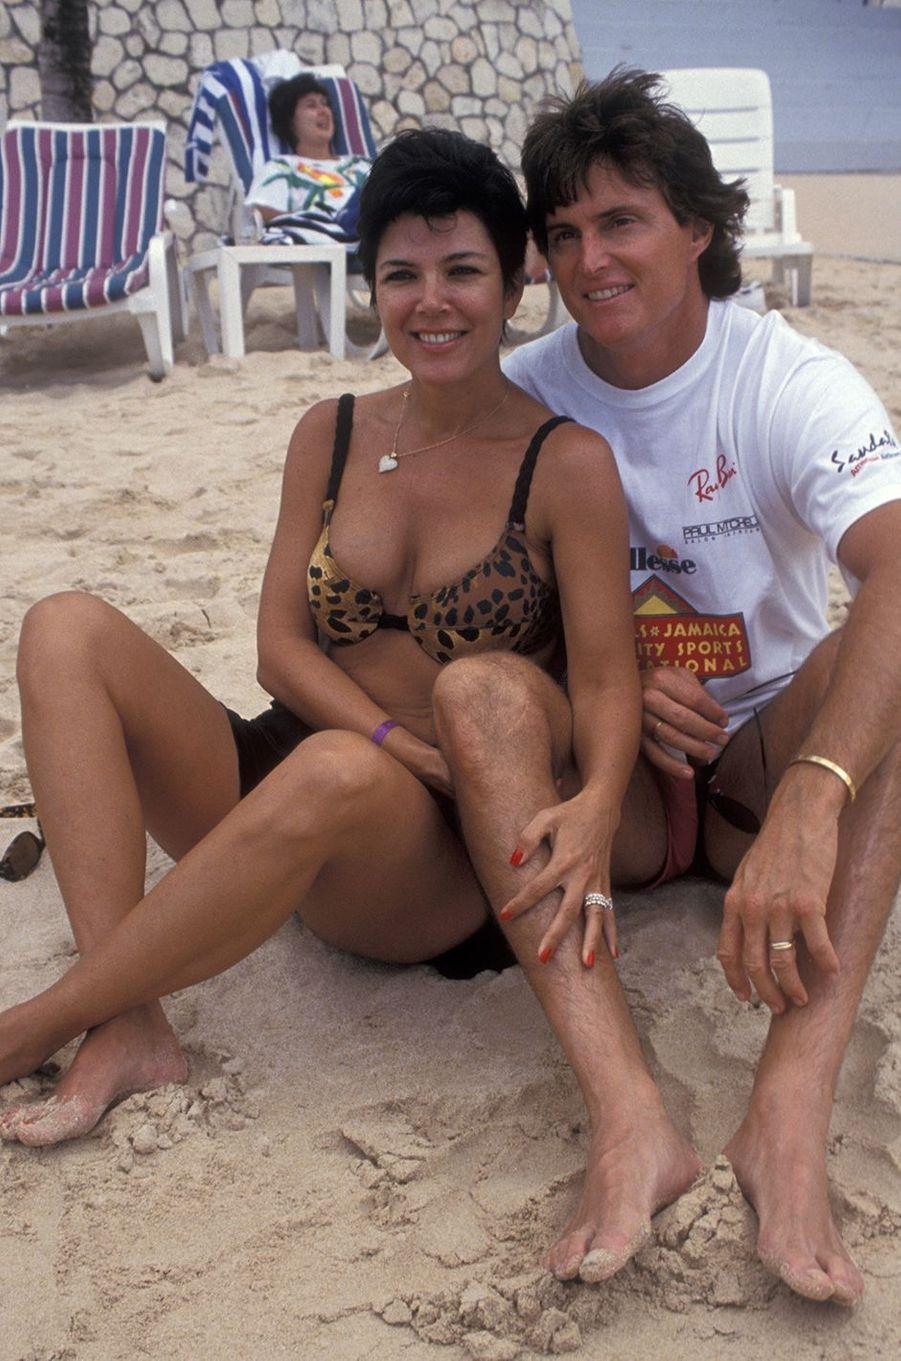 Kris et Bruce Jenner lors d'un événement caritatif organisé par le monde du sport en Jamaïque en septembre 1993